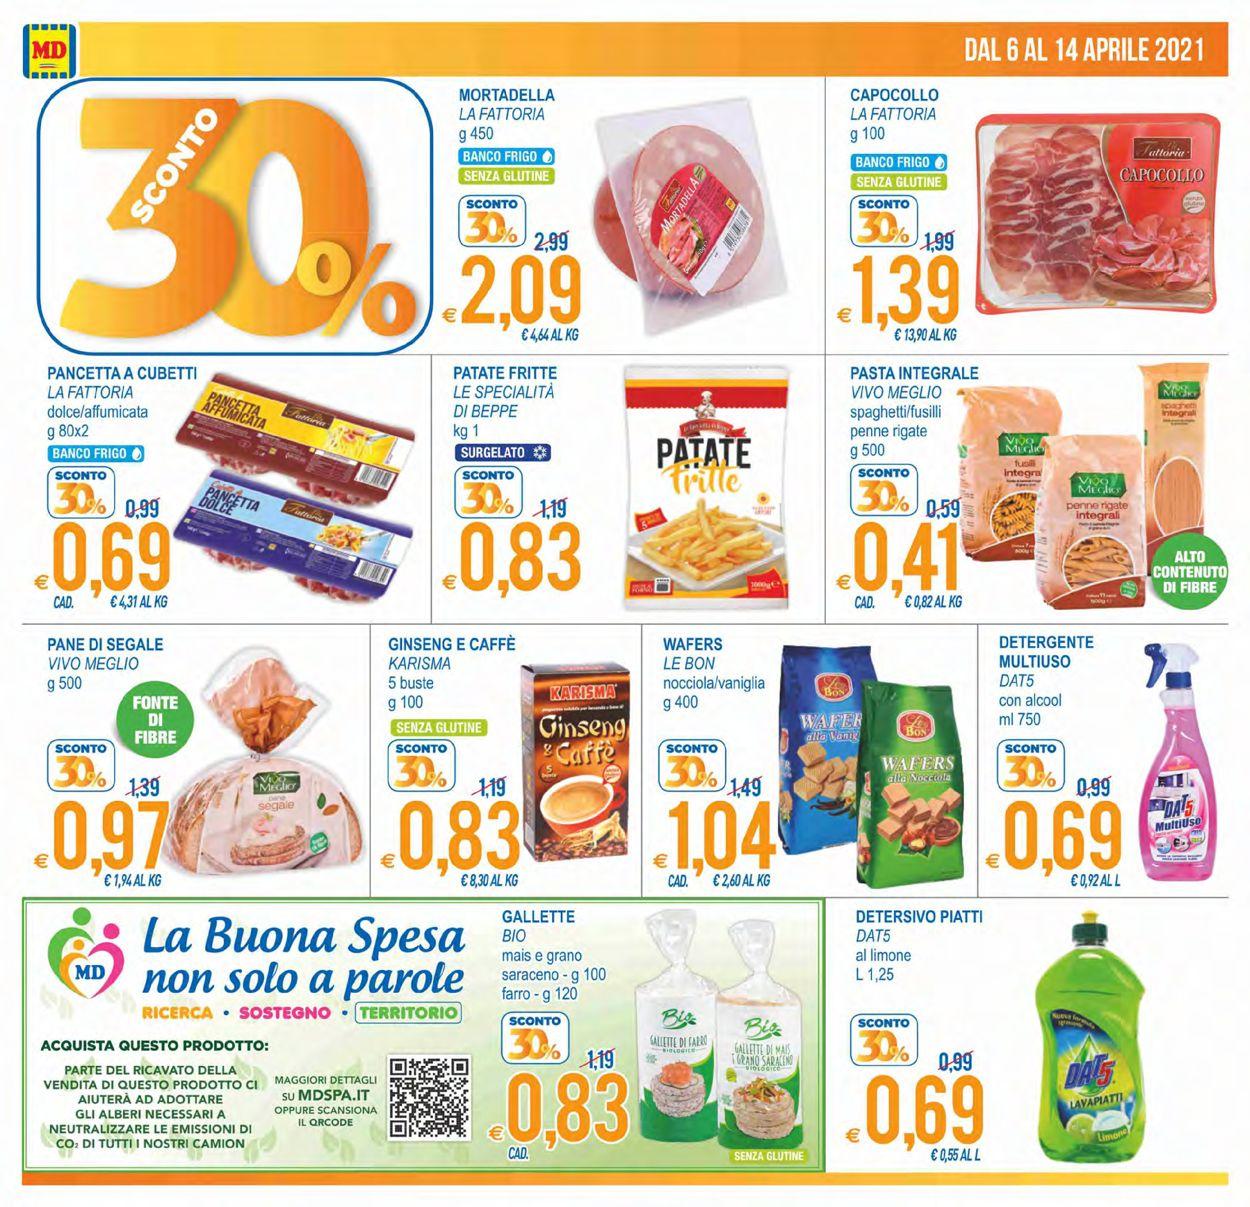 Volantino MD Discount - Offerte 06/04-14/04/2021 (Pagina 2)